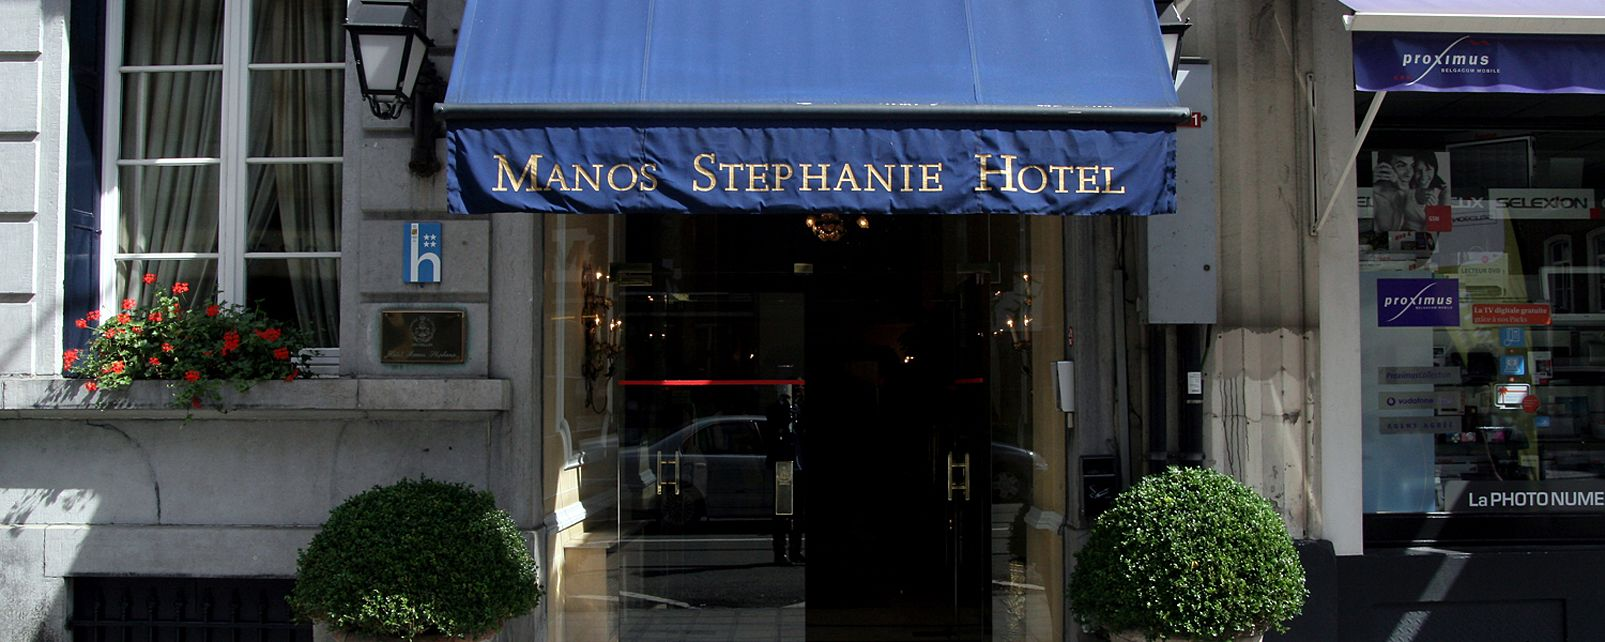 Hôtel Manos Stephanie